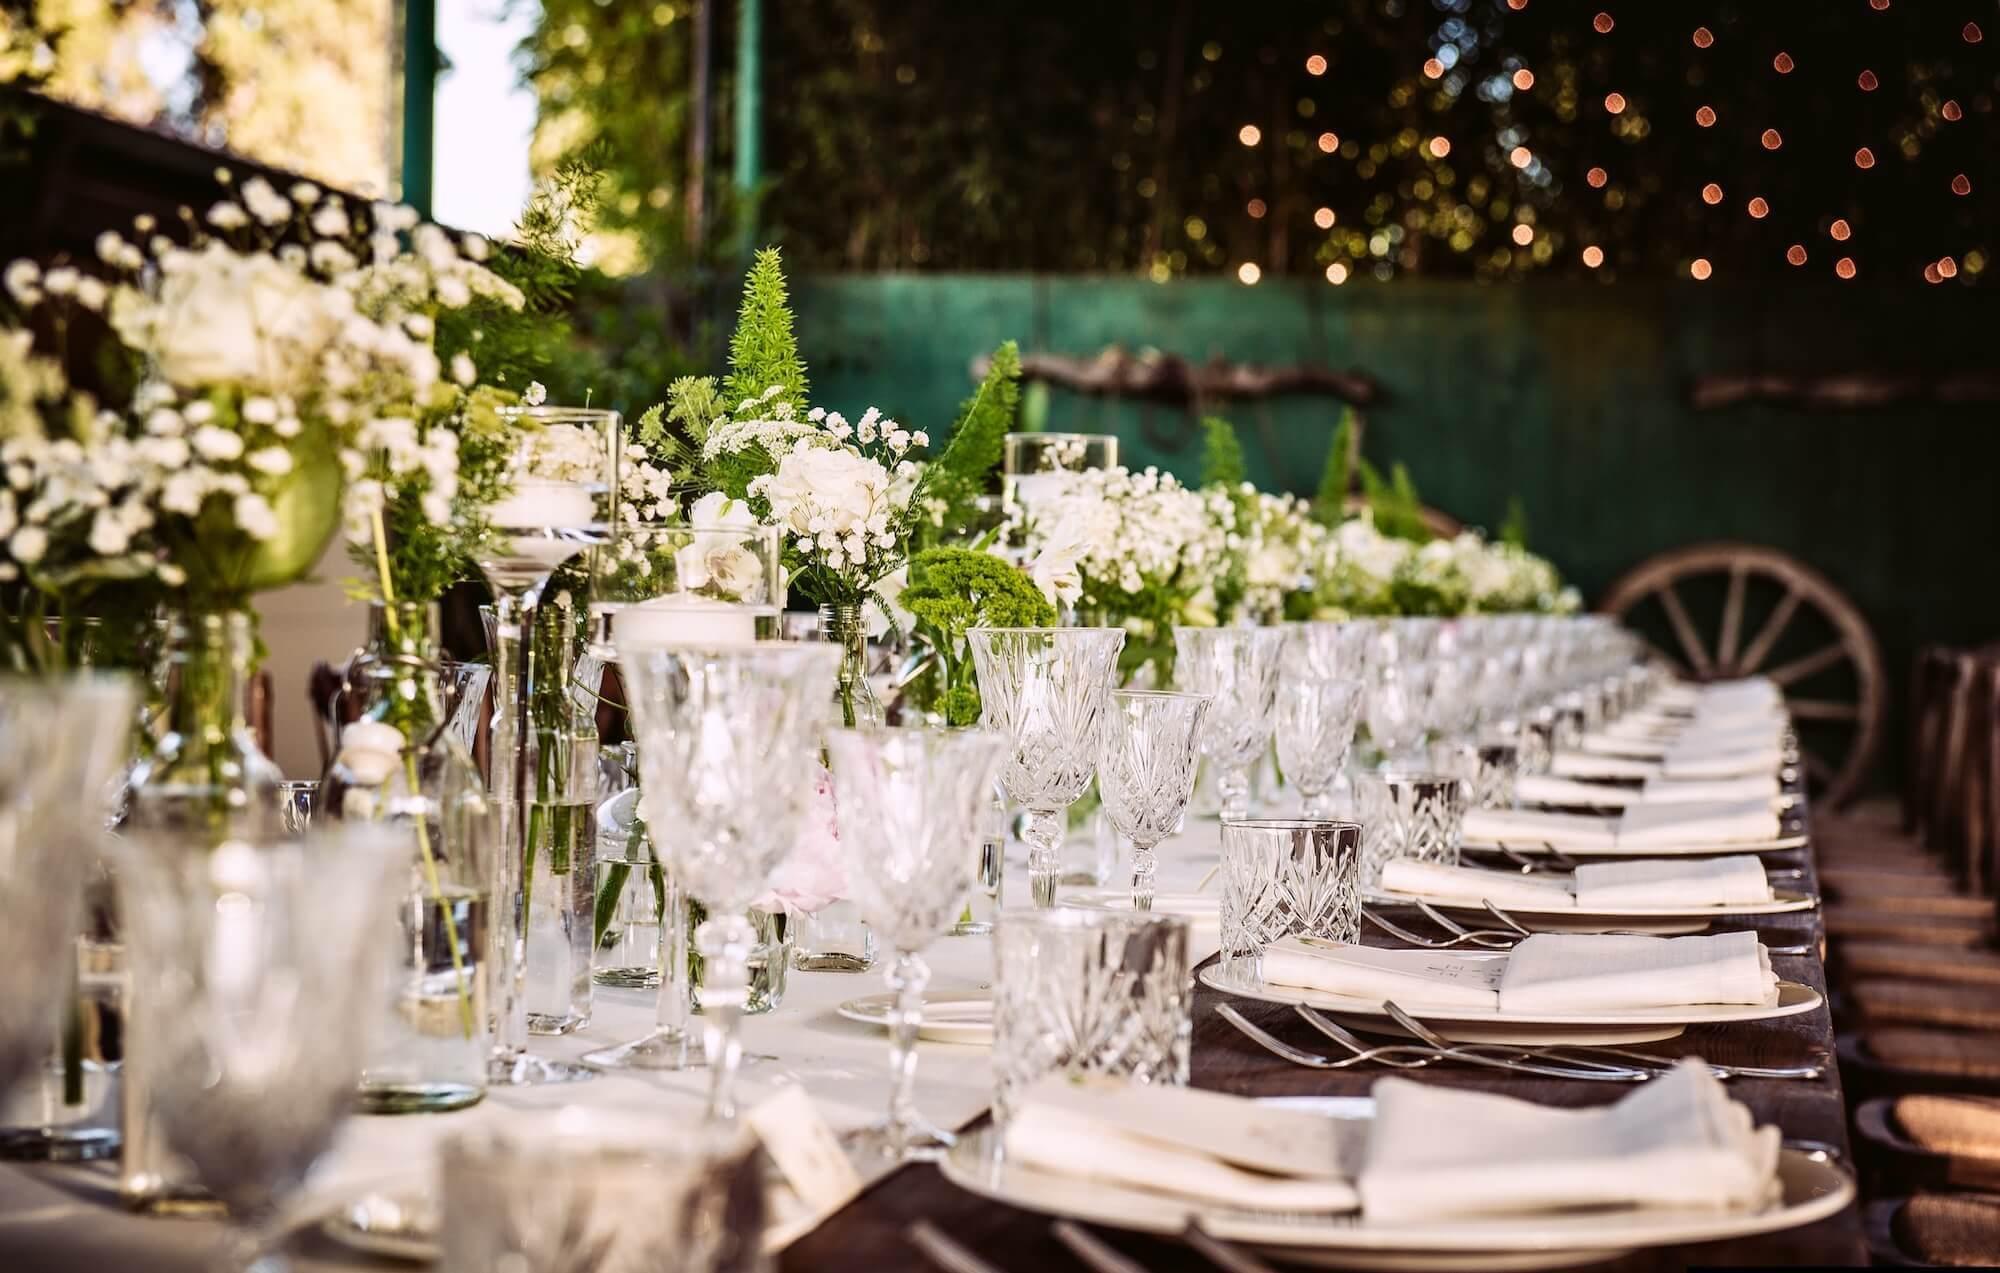 Allestimento floreale per matrimonio in Toscana, Firenze, Pisa, Siena. Giulia Alessandri Wedding Planner: progettazione e coordinazione matrimoni in Toscana.